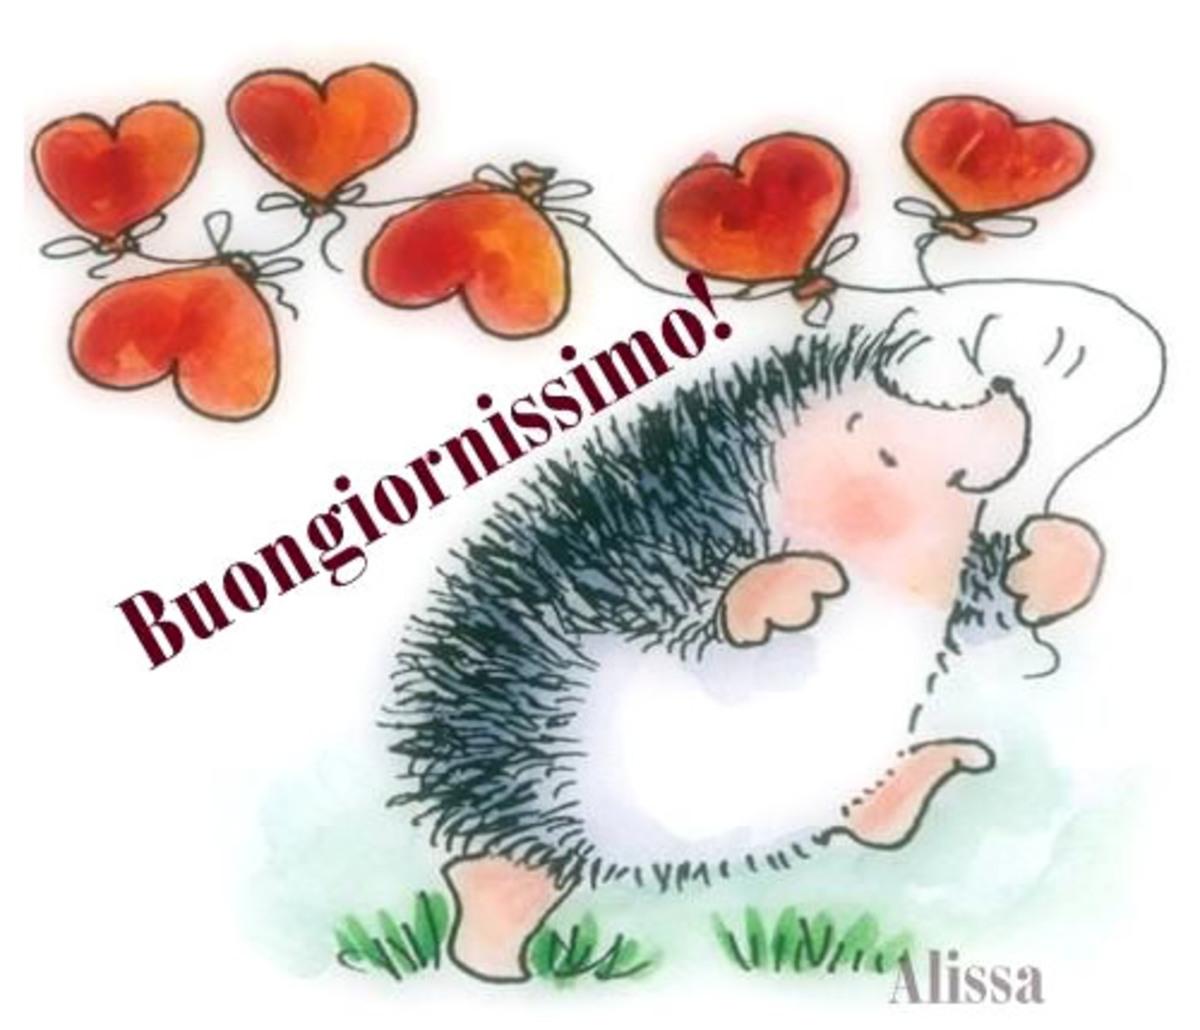 Buongiorno con amore (1)